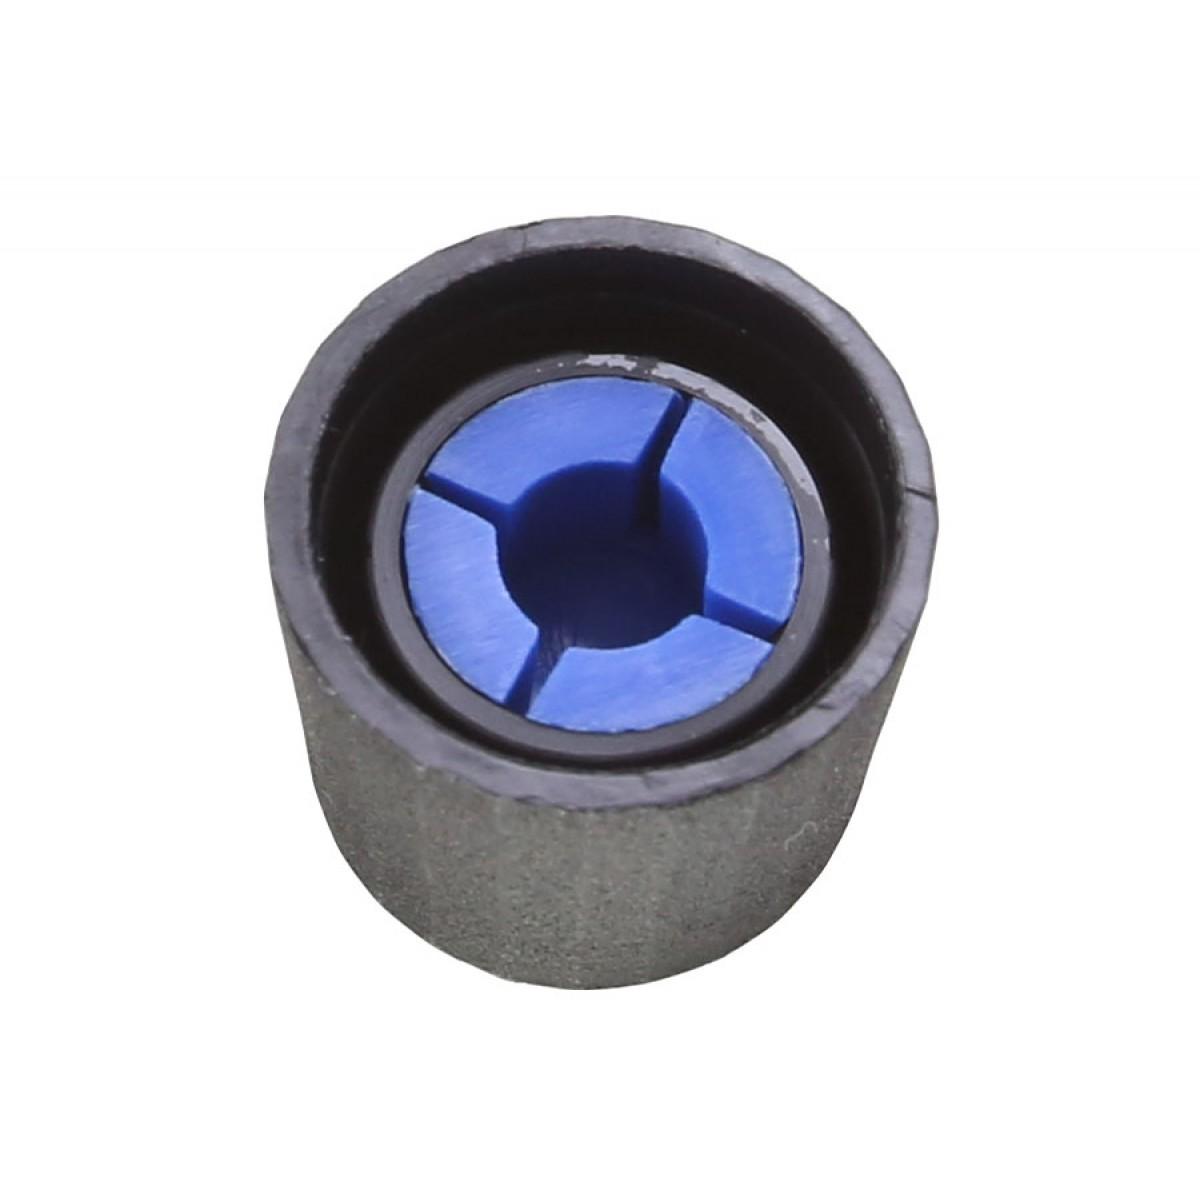 Botão Minelab para Excalibur II  - Fortuna Detectores de Metais